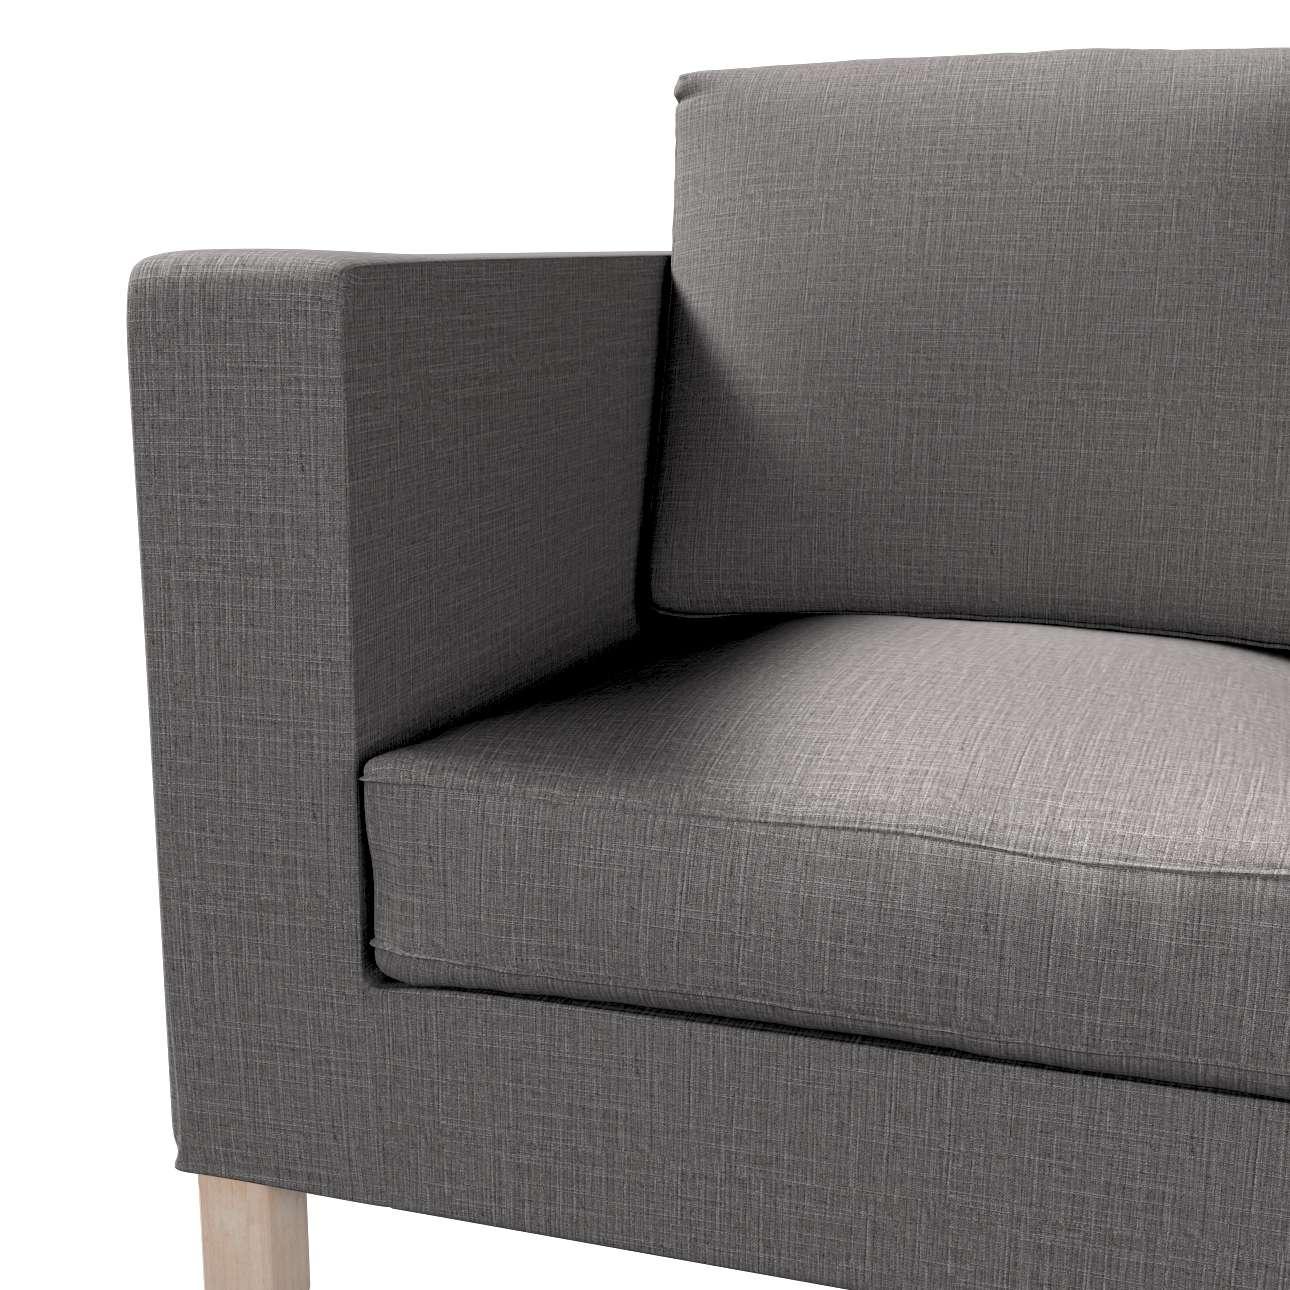 Karlanda 2-Sitzer Sofabezug nicht ausklappbar kurz von der Kollektion Living, Stoff: 161-16